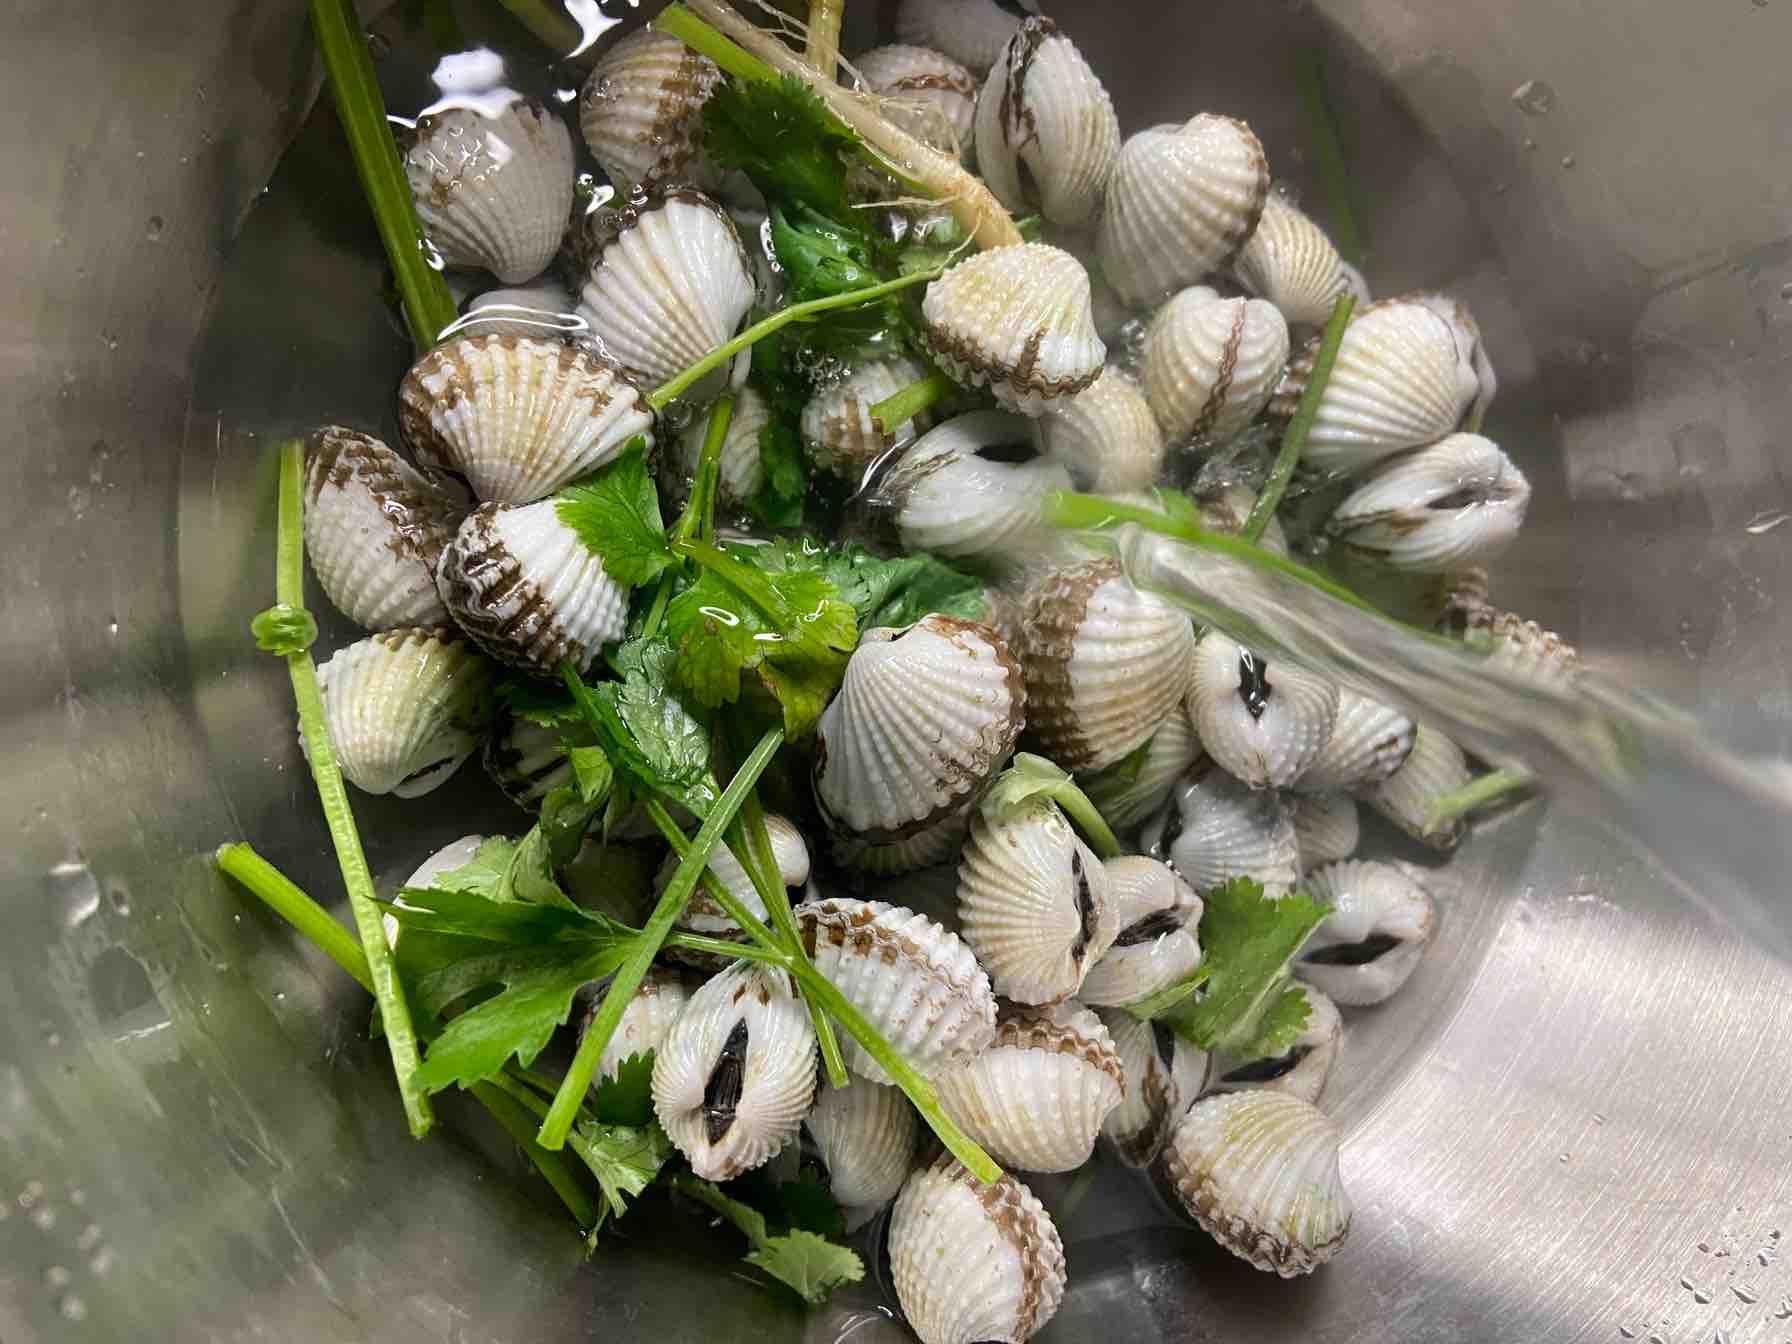 年夜饭必出现潮汕毒药之腌血蛤的步骤